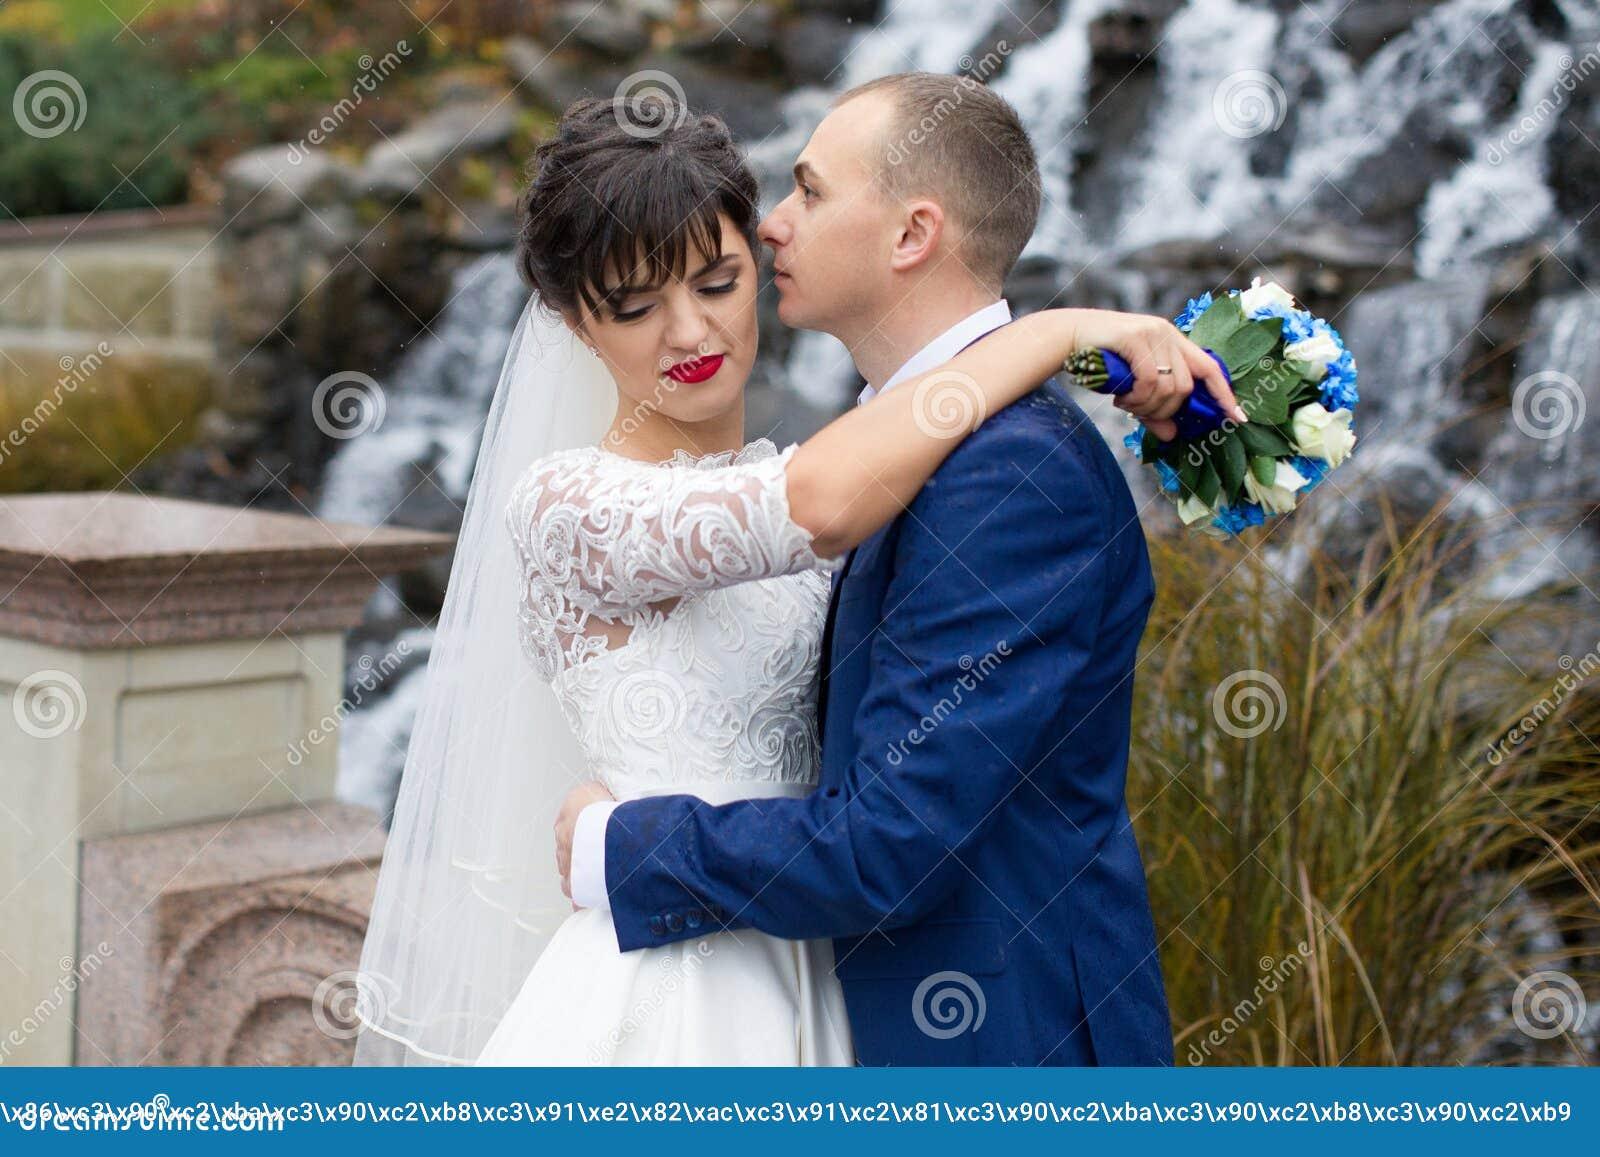 couplez la position sous la pluie le jour du mariage photo stock image 70615764. Black Bedroom Furniture Sets. Home Design Ideas